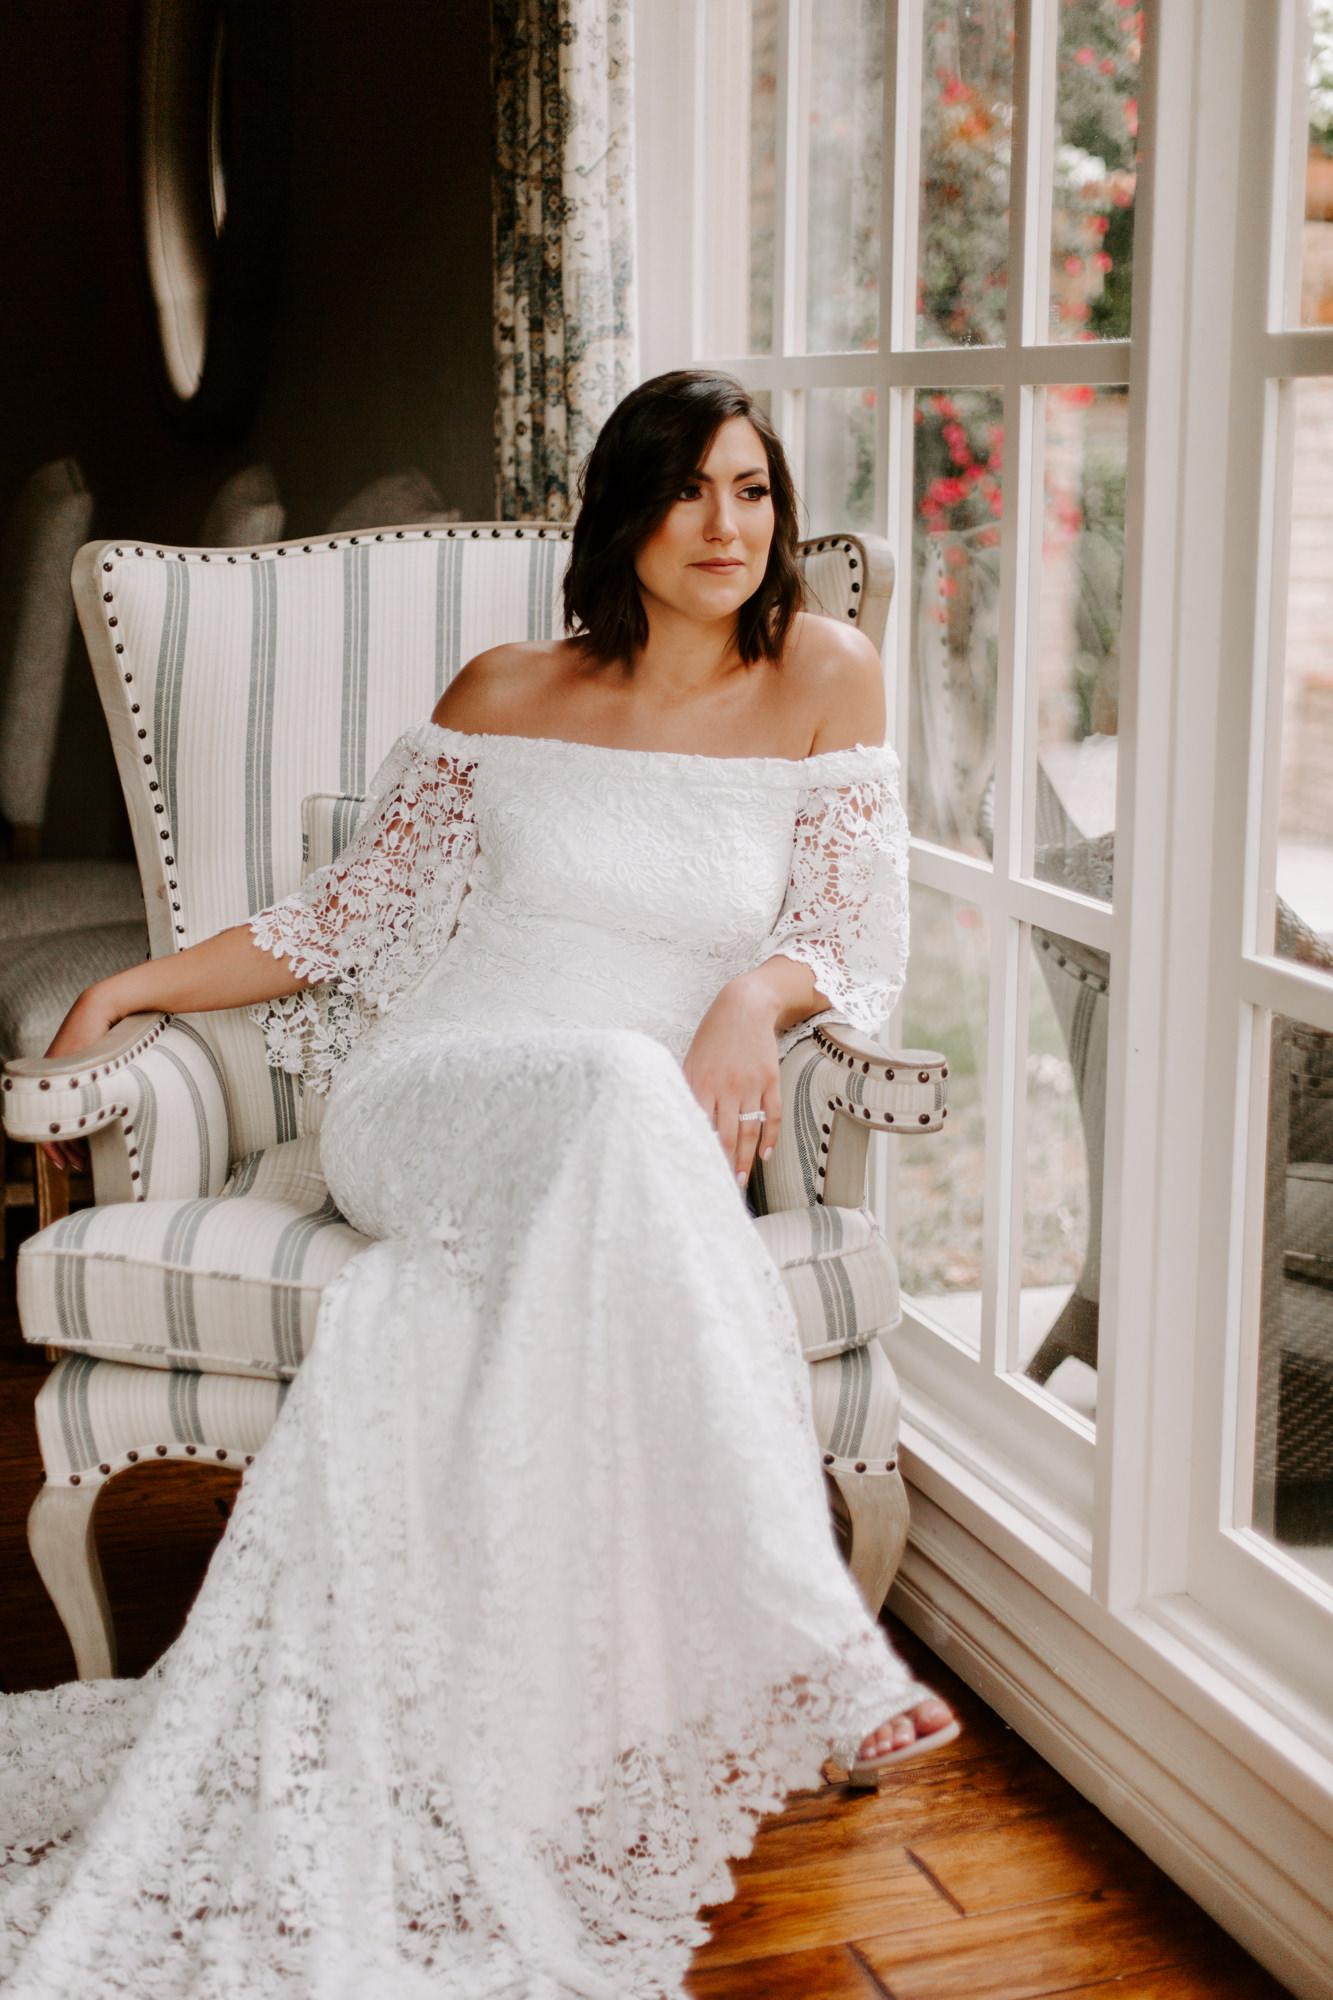 Rancho bernardo Inn san deigo wedding photography0020.jpg